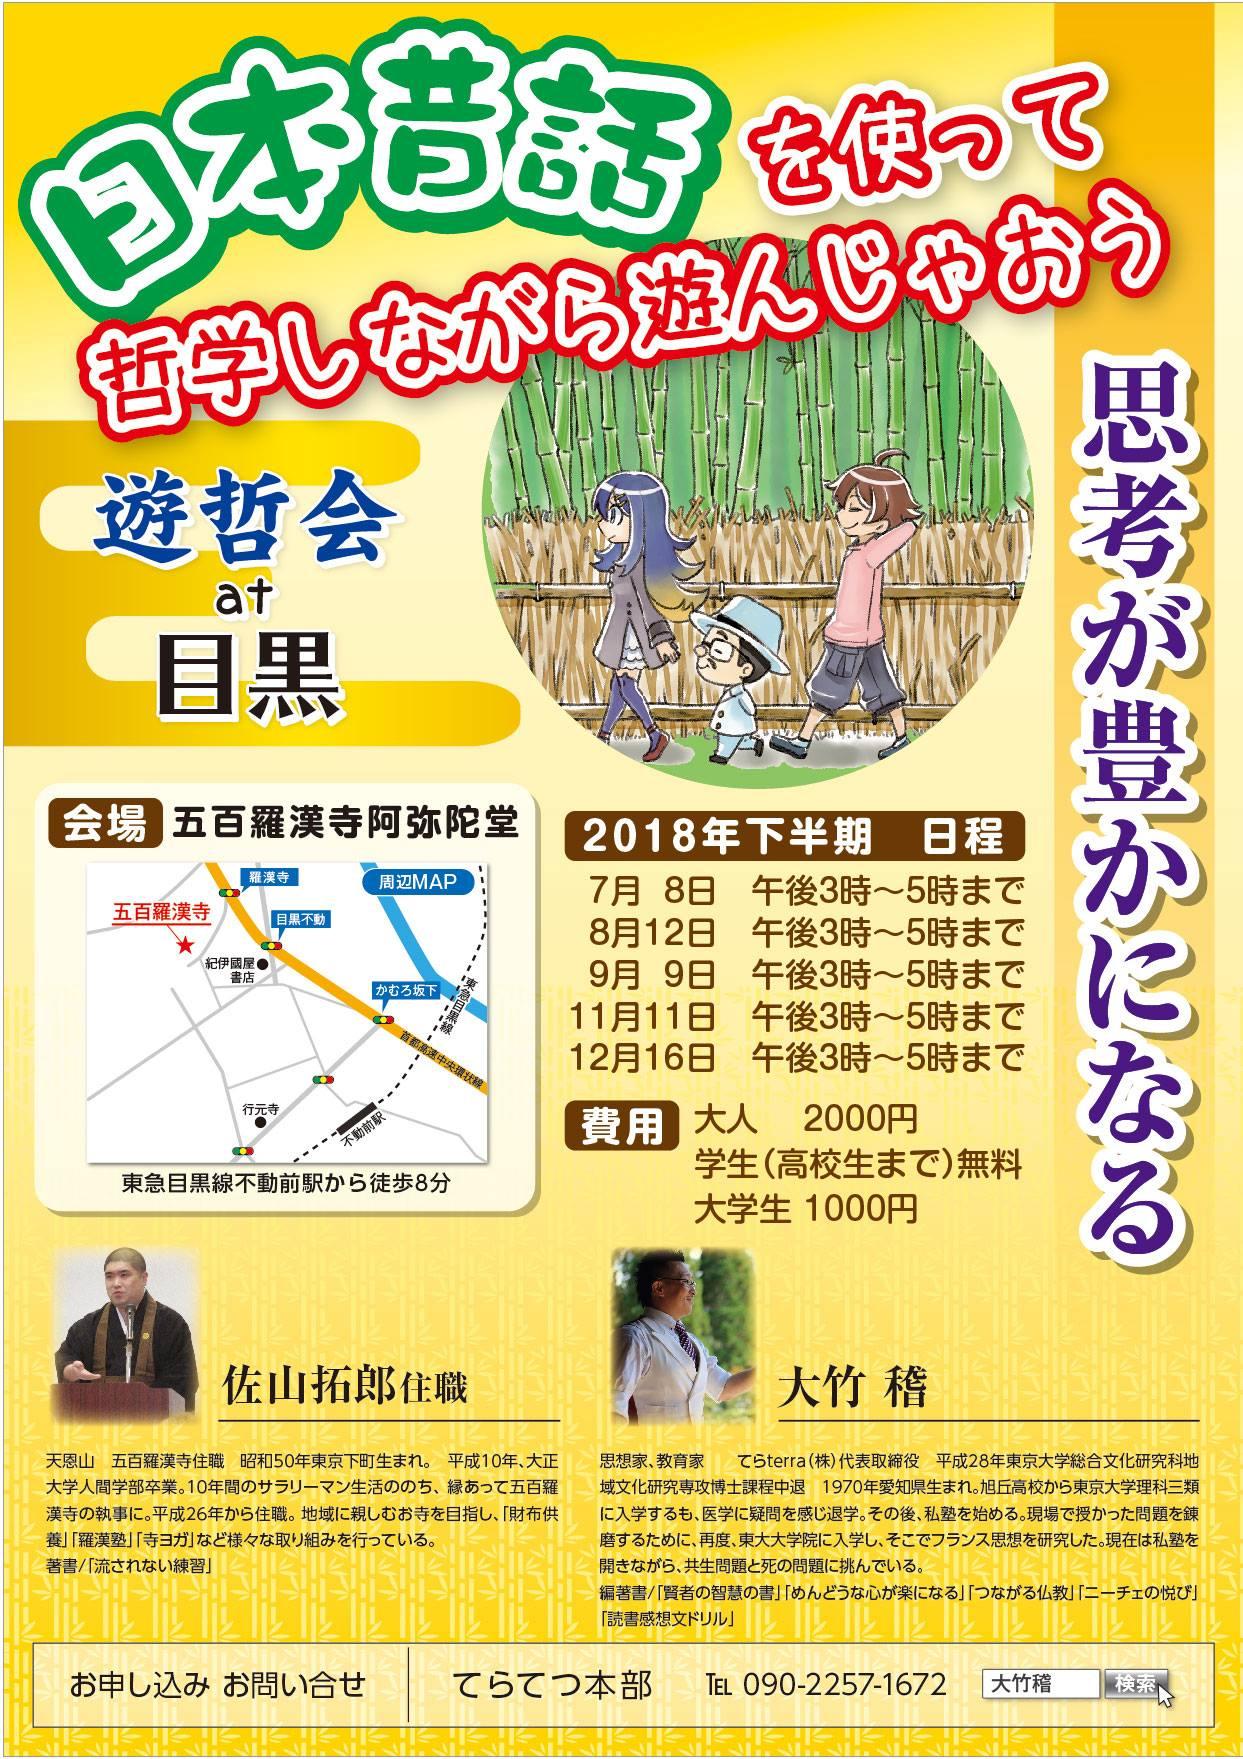 8月12日.9月9日【遊哲会 五百羅漢寺】開催のお知らせ